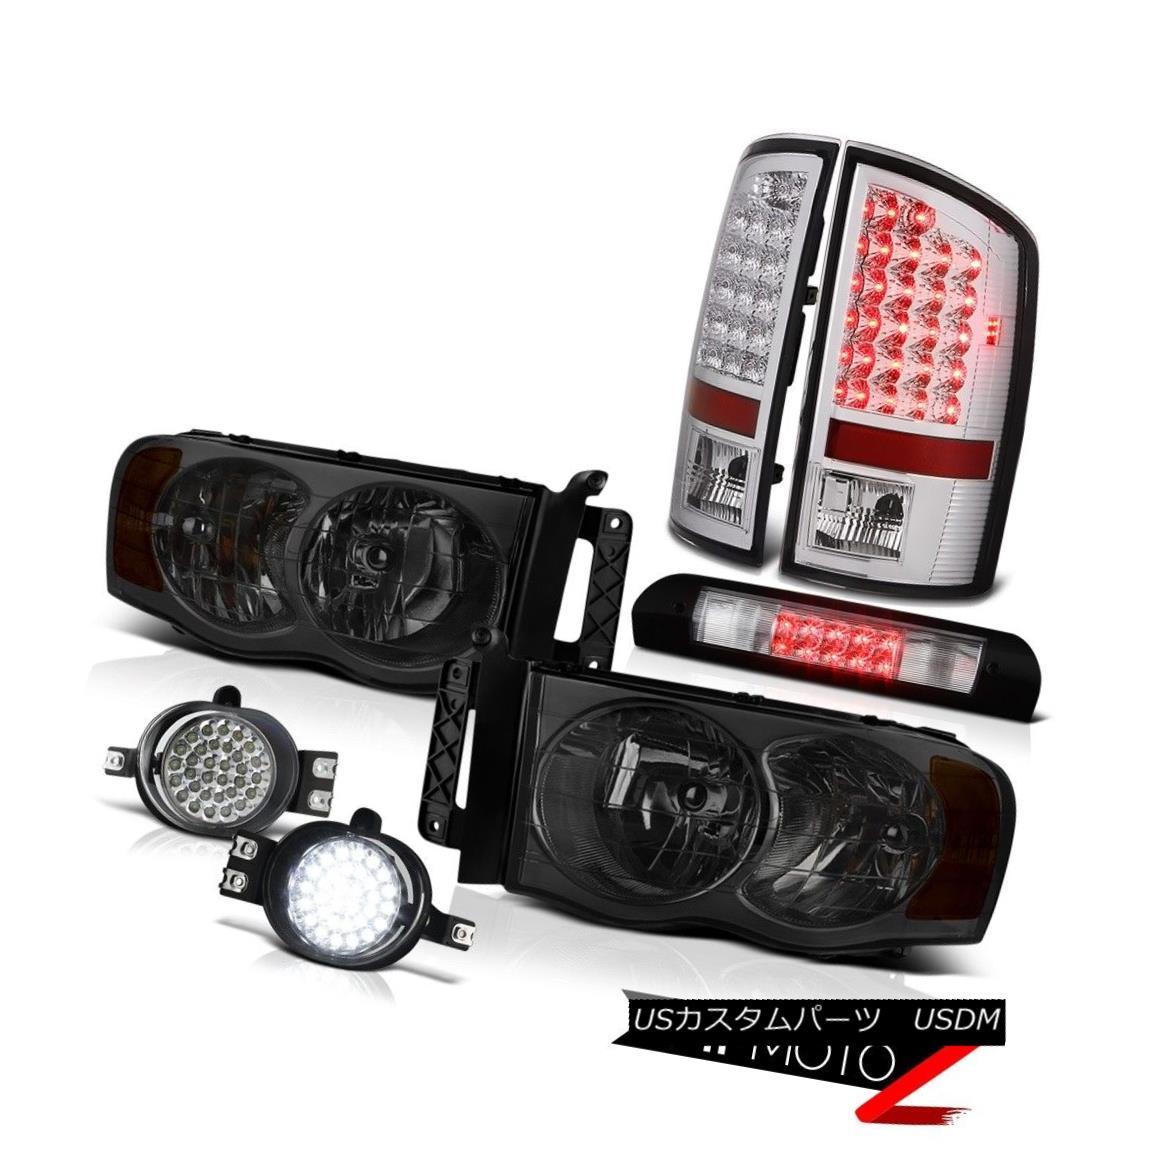 ヘッドライト Crystal Smoke Headlights Brake Tail Lights Trim LED Fog Cargo 02 03 04 05 Ram ST クリスタルスモークヘッドライトブレーキテールライトトリムLEDフォグカーゴ02 03 04 05 Ram ST